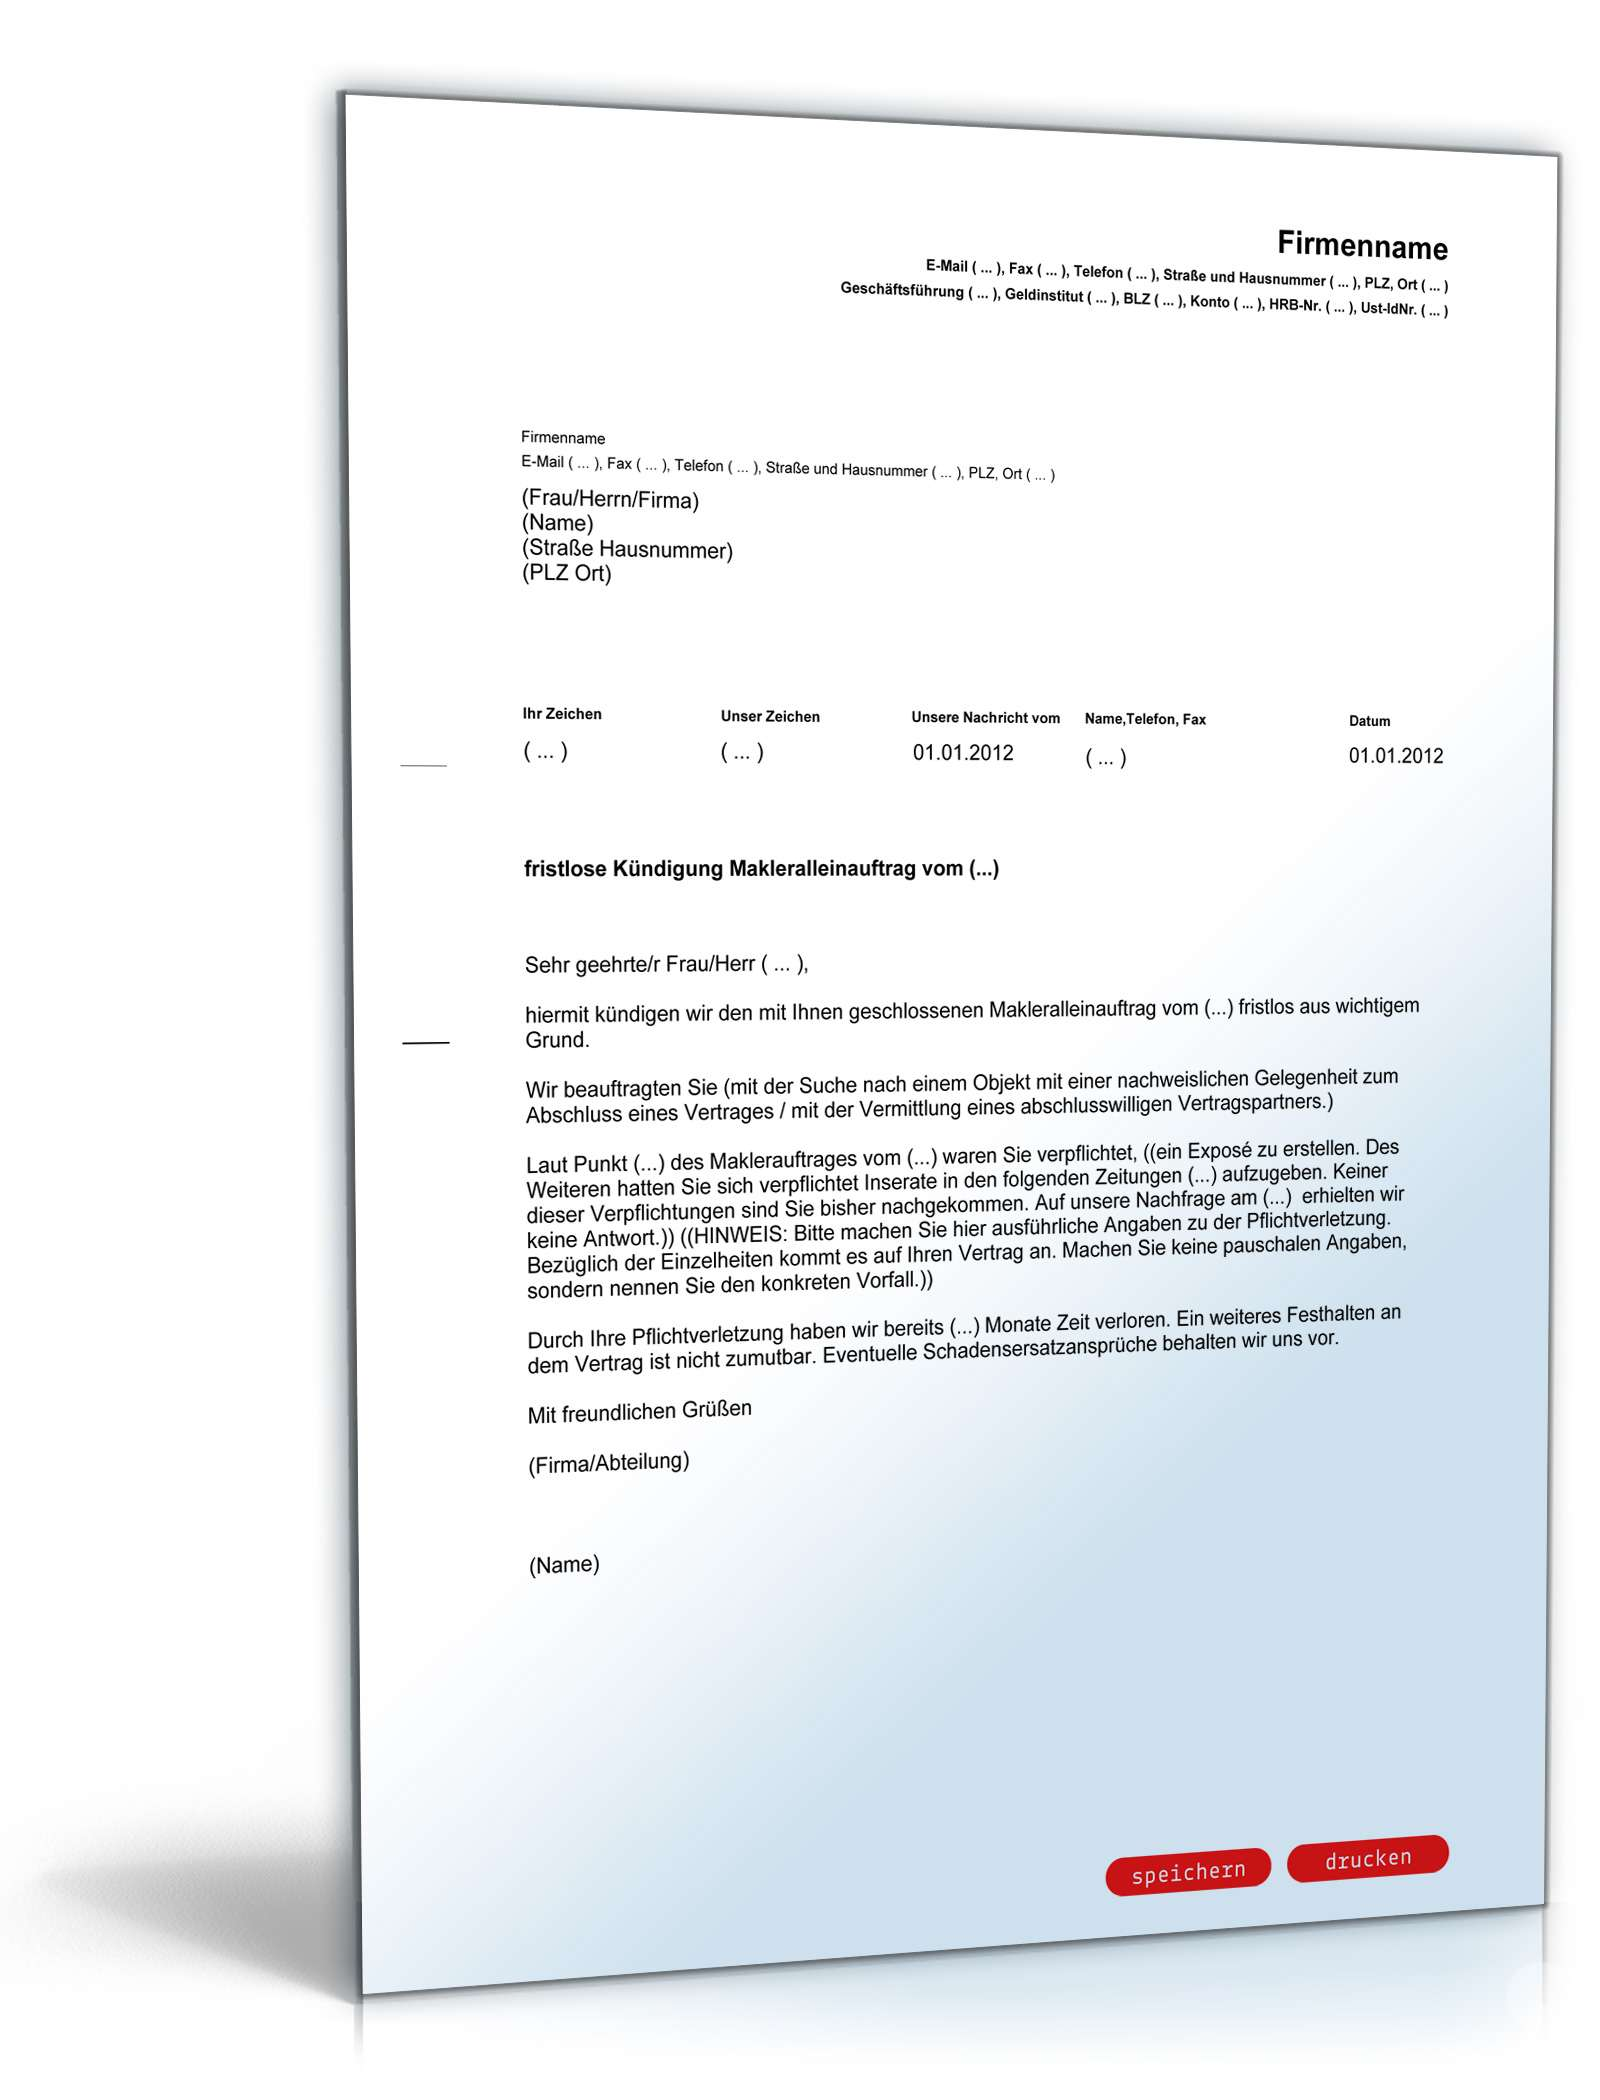 kündigung arbeitsvertrag vorlage